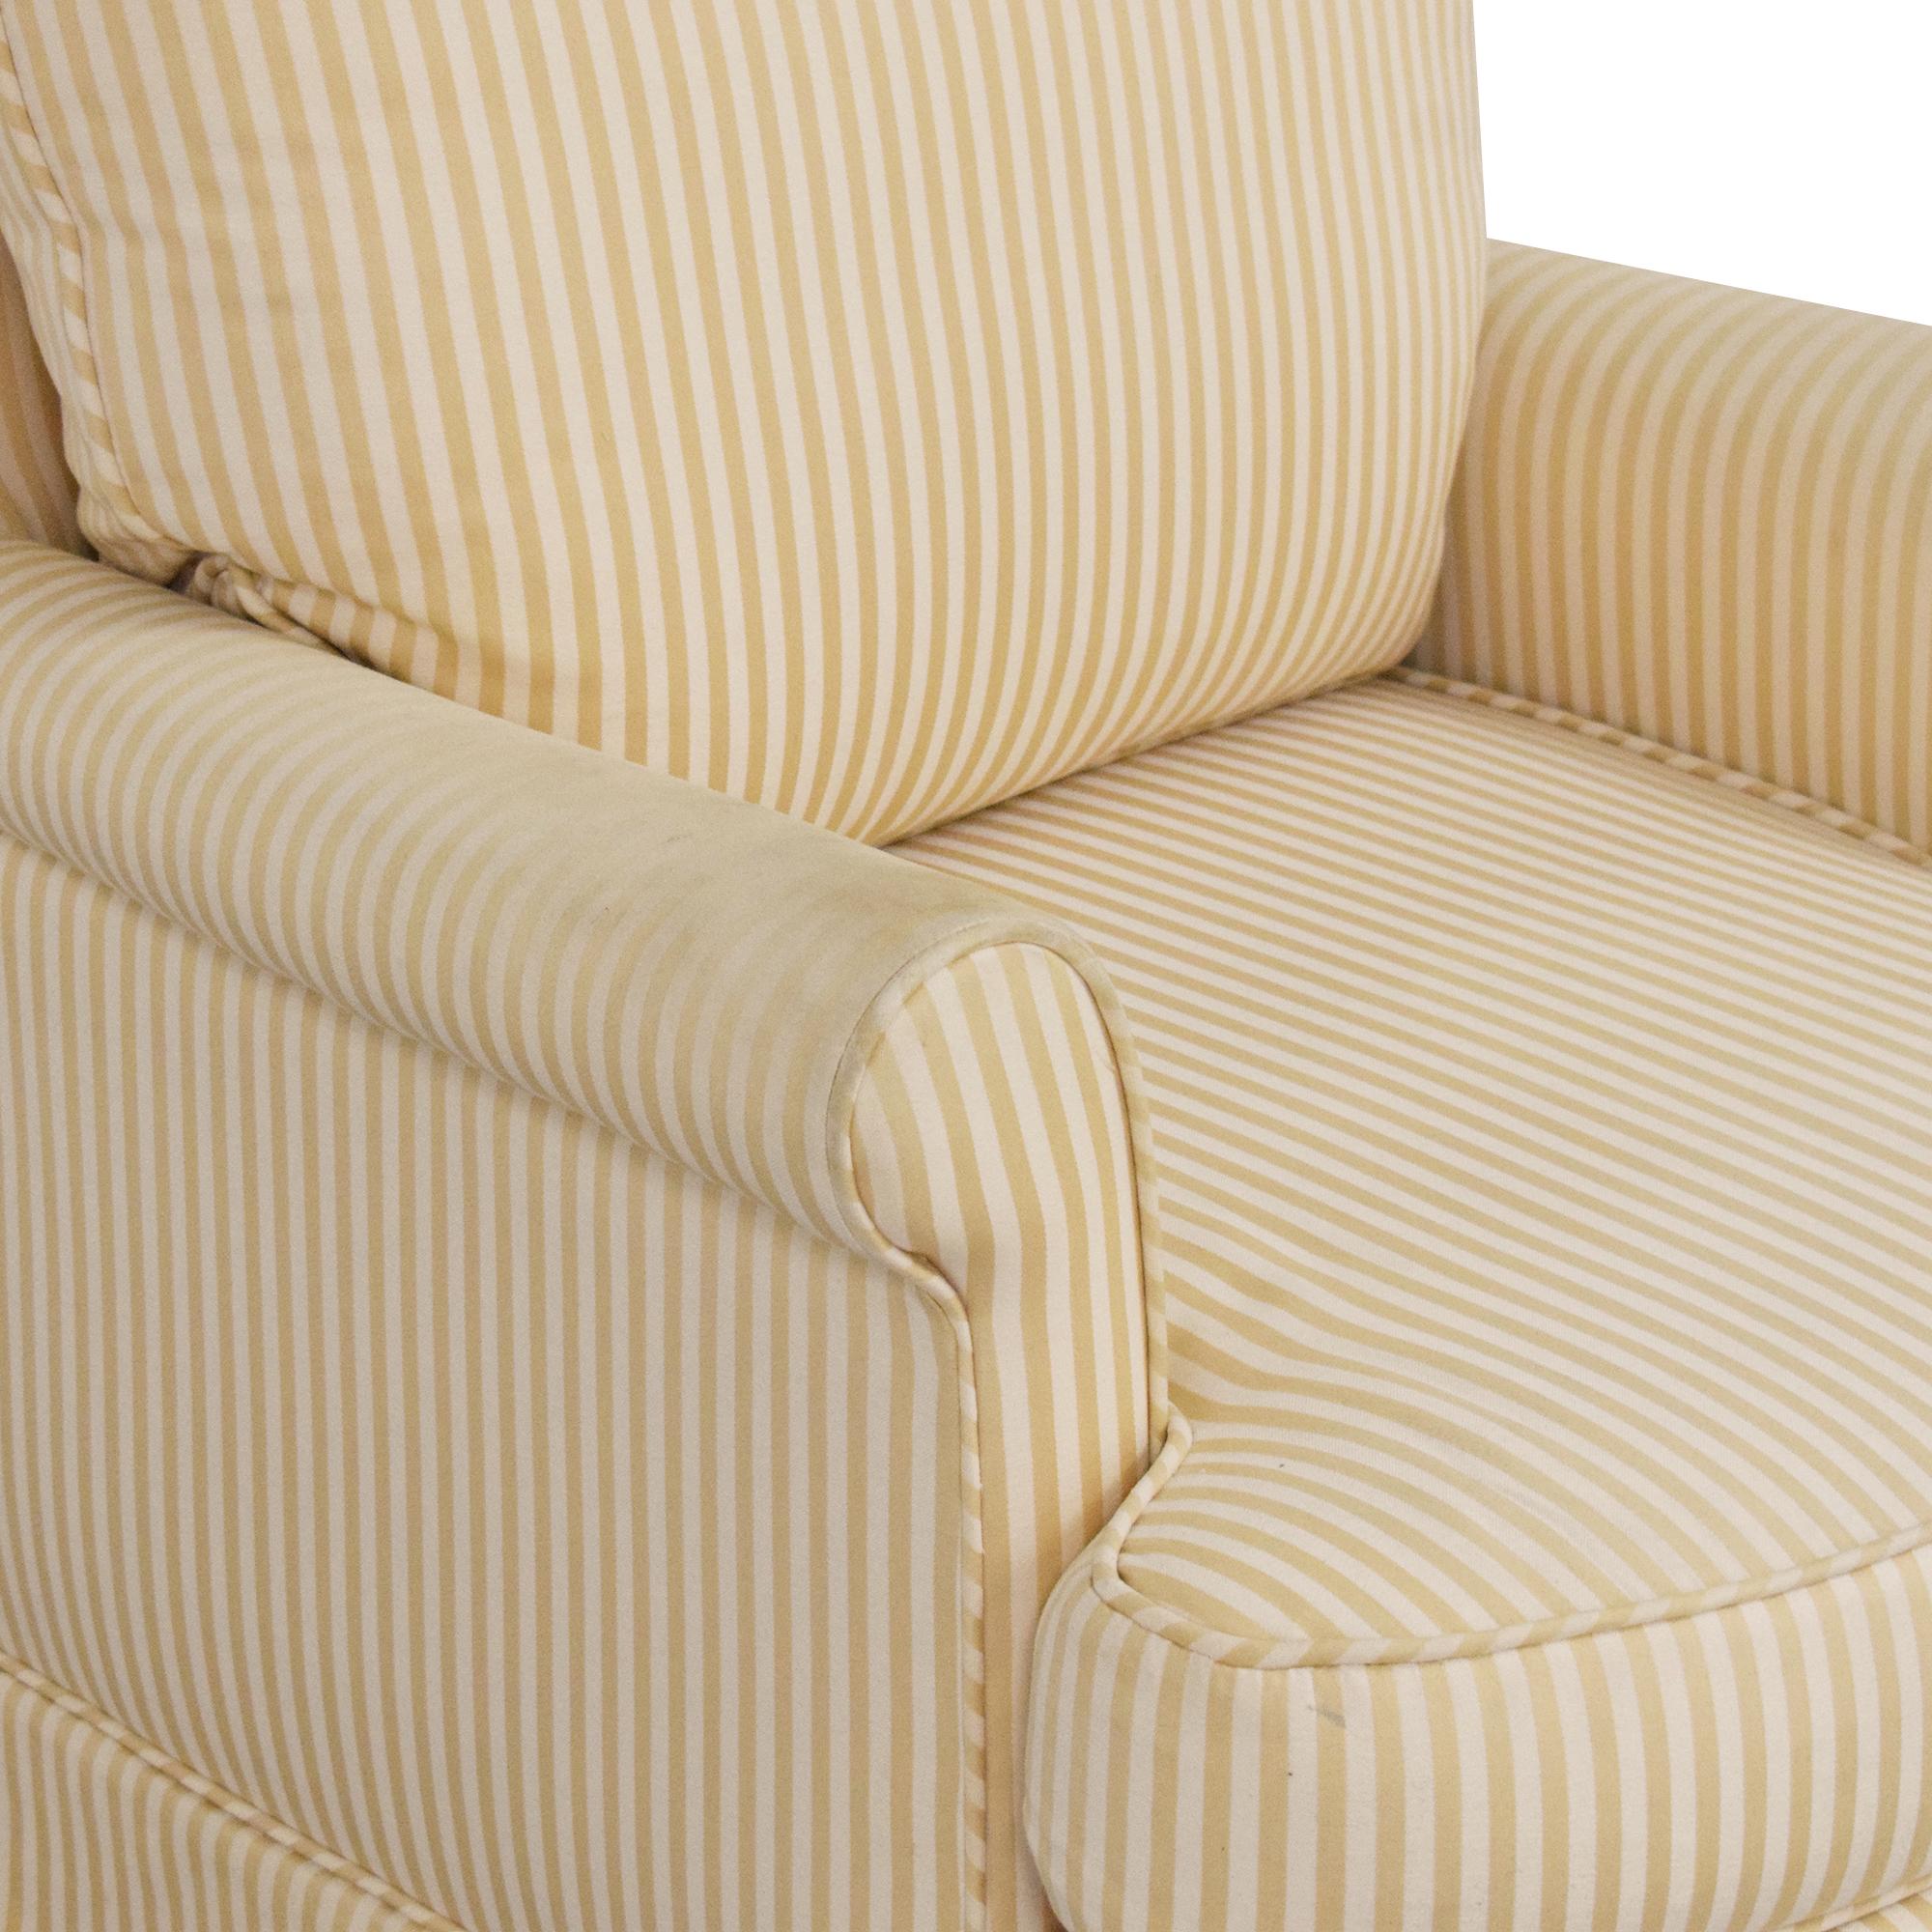 Cox Manufacturing Cox Manufacturing Swivel Glider Chair ma